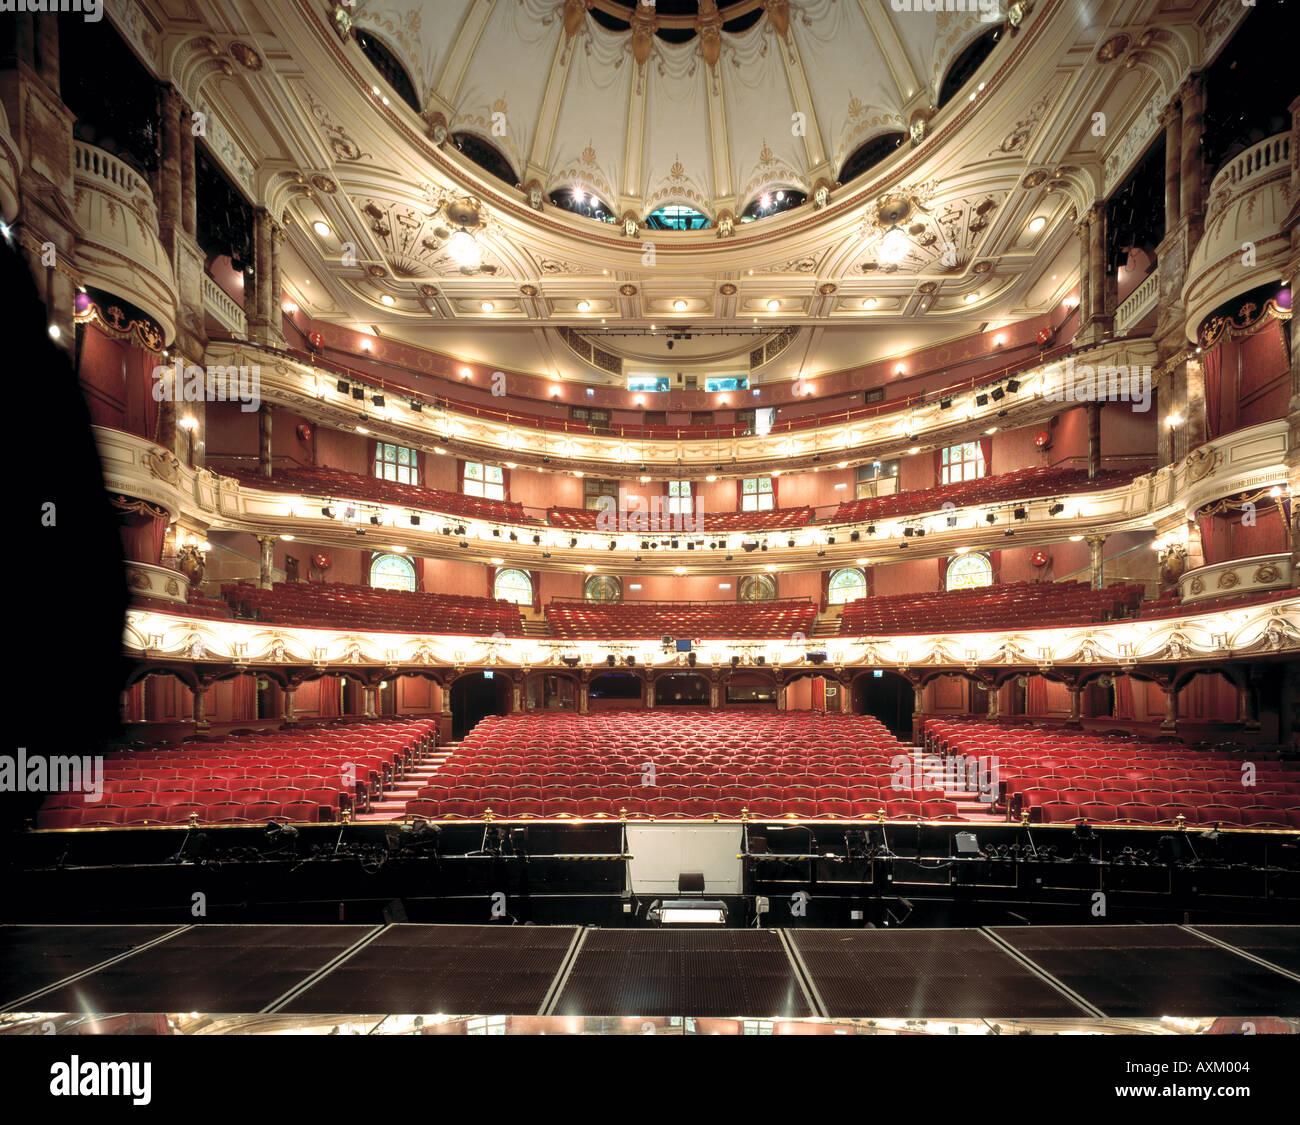 Queen Elizabeth Theatre Floor Plan